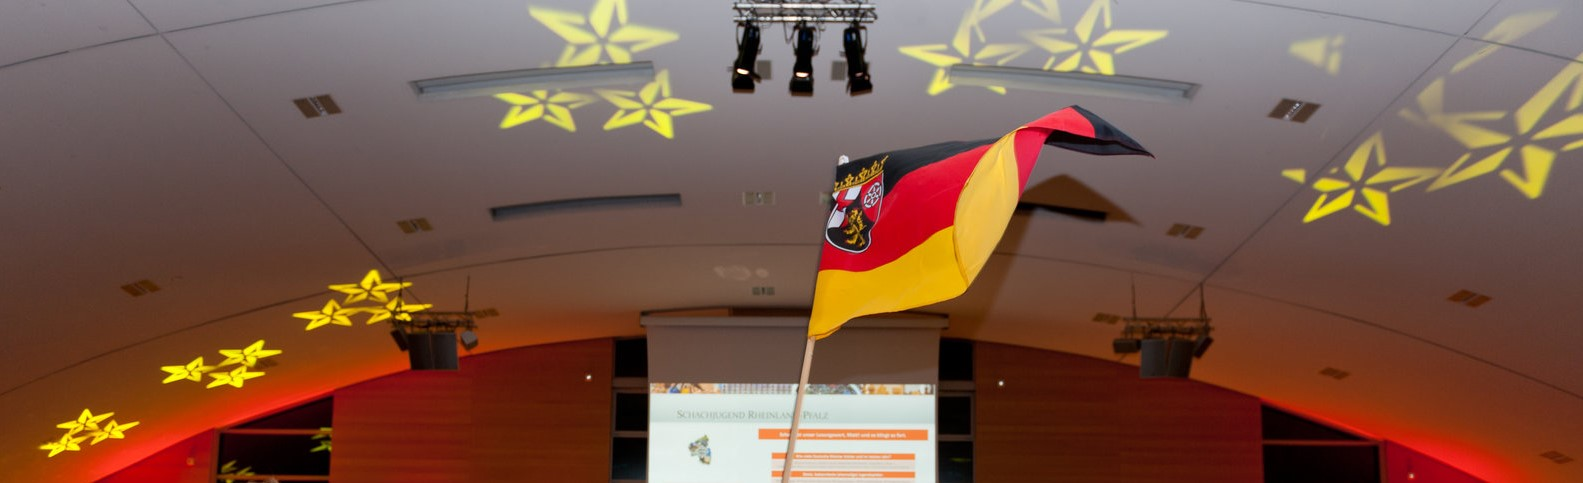 Ergebnisse der Schachjugend auf der Deutschen Meisterschaft 2021